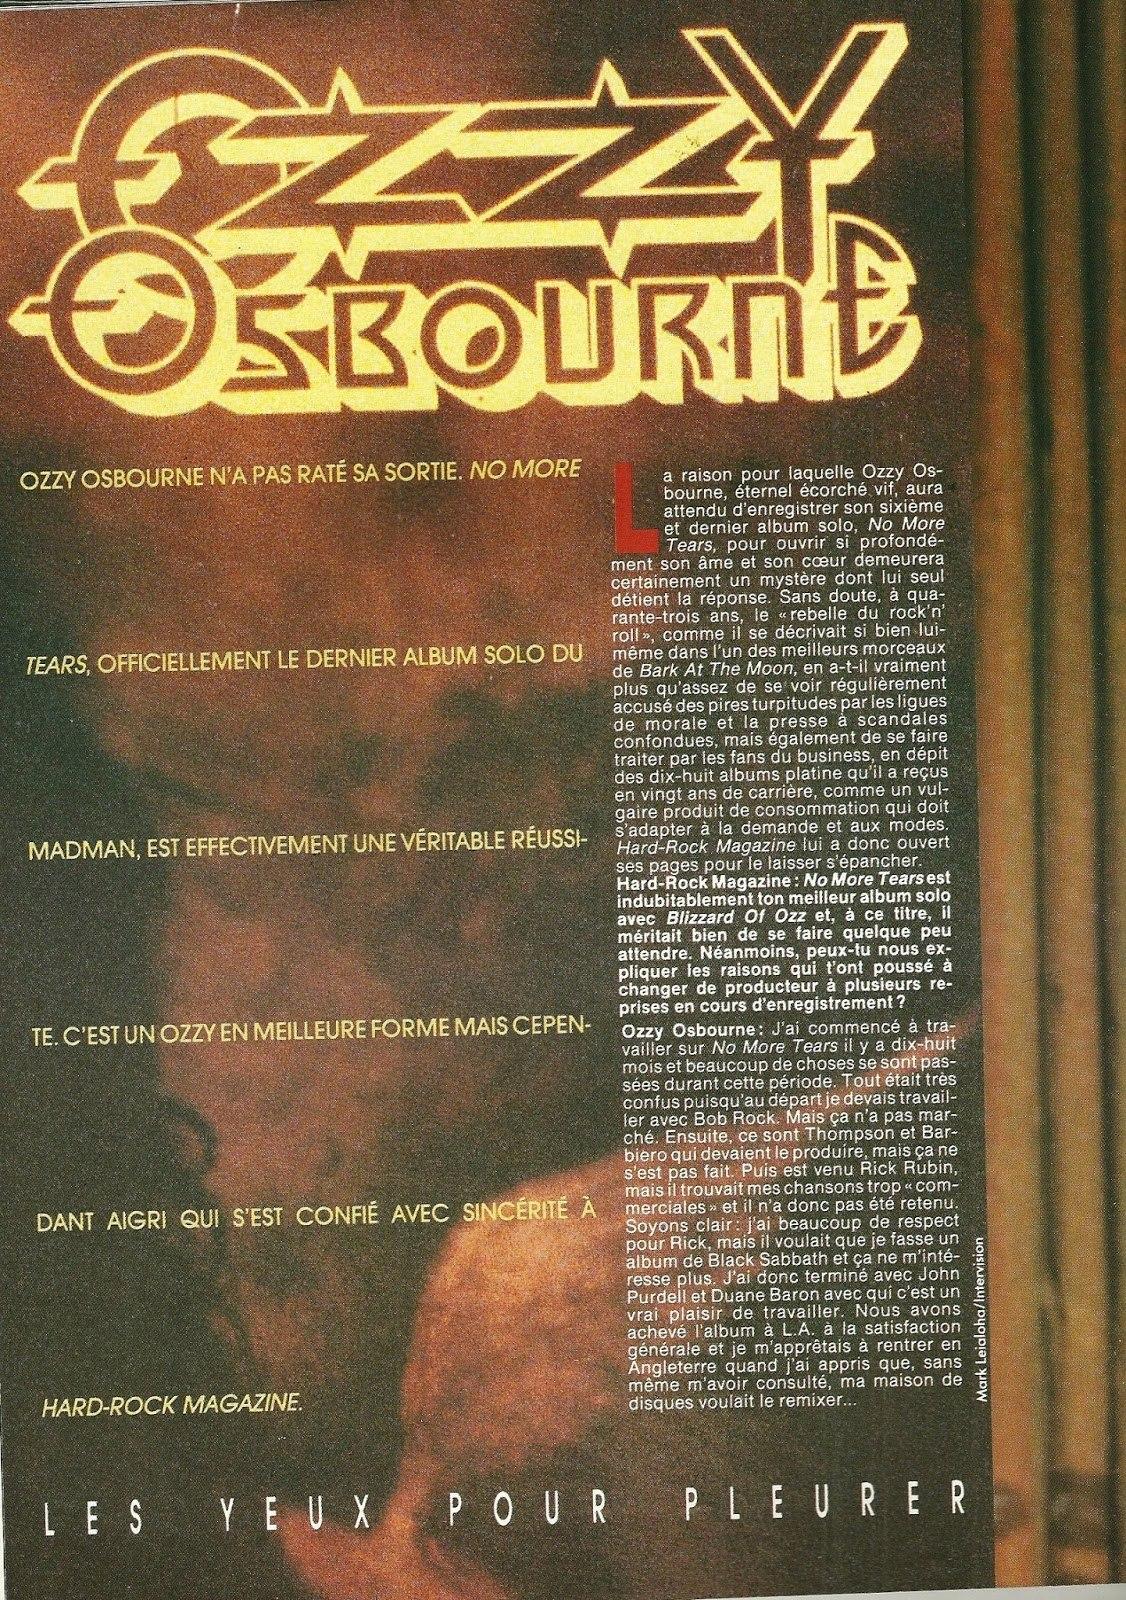 """OZZY OSBOURNE : Les yeux pour pleurer (""""Hard Rock Magazine"""" Novembre 1991) Archive à lire Numzor14"""